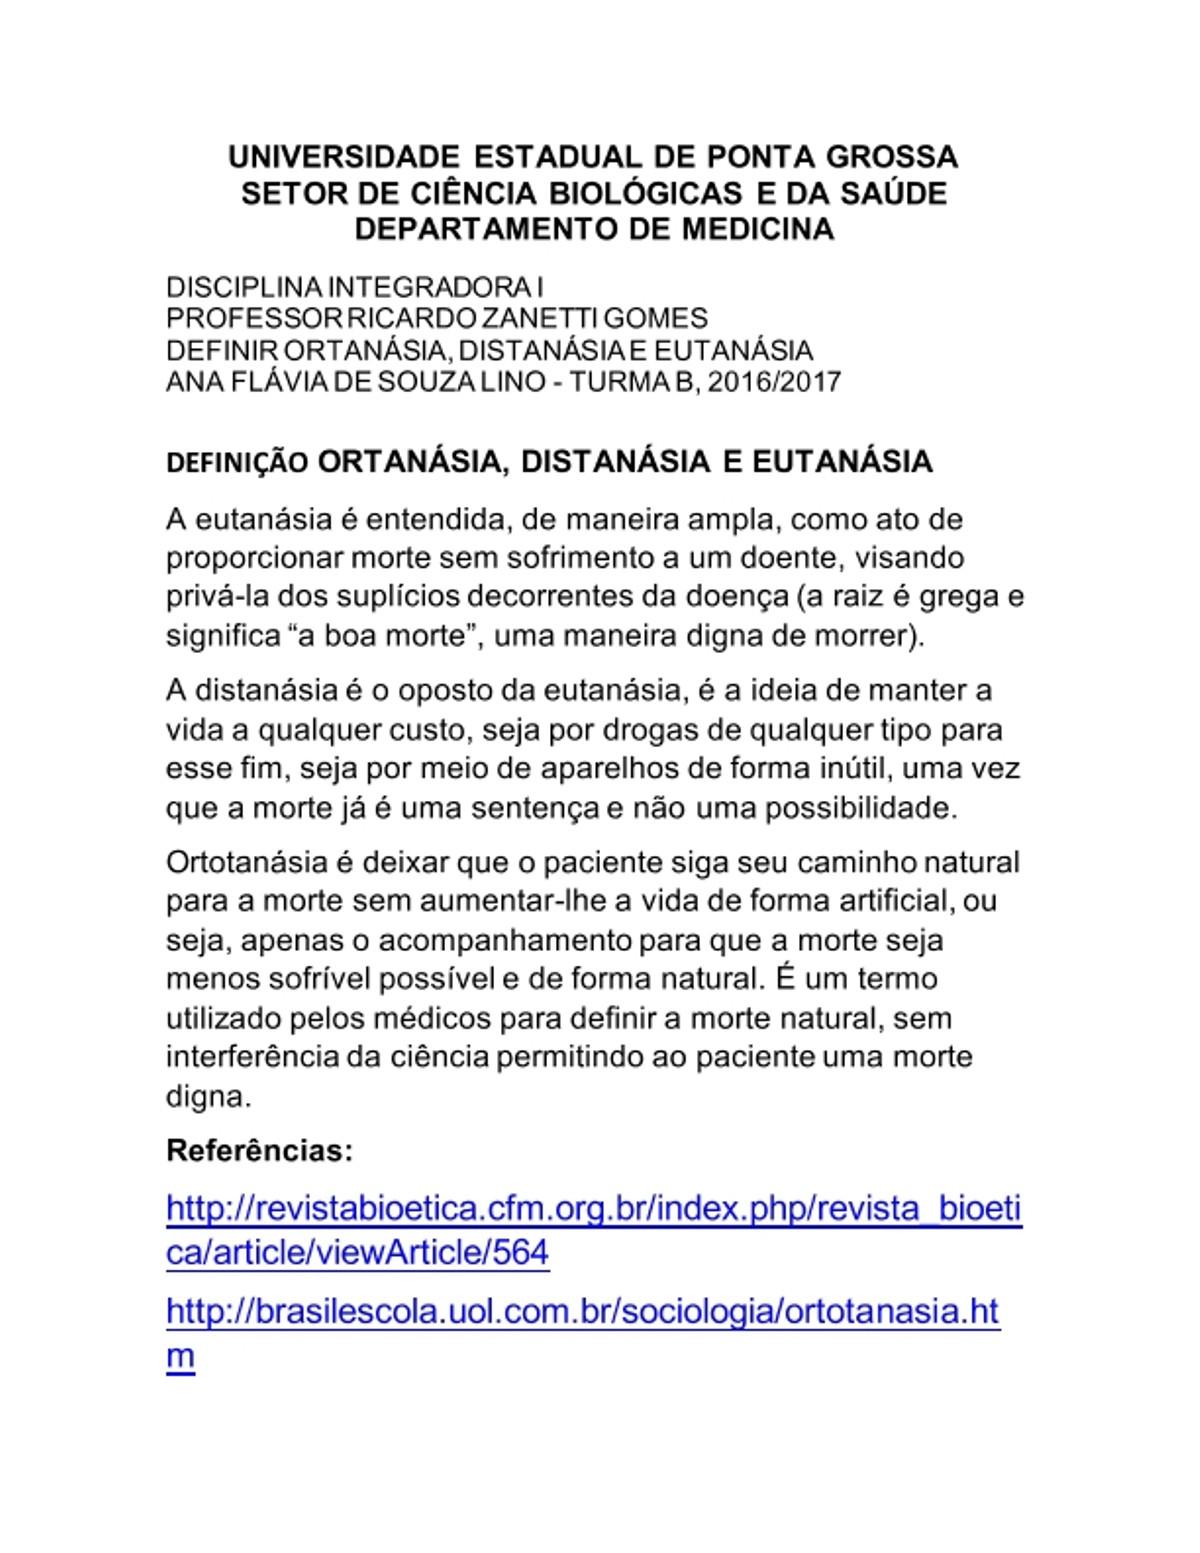 Pre-visualização do material Ortotanasia Distanasia e Eutanasia - página 1